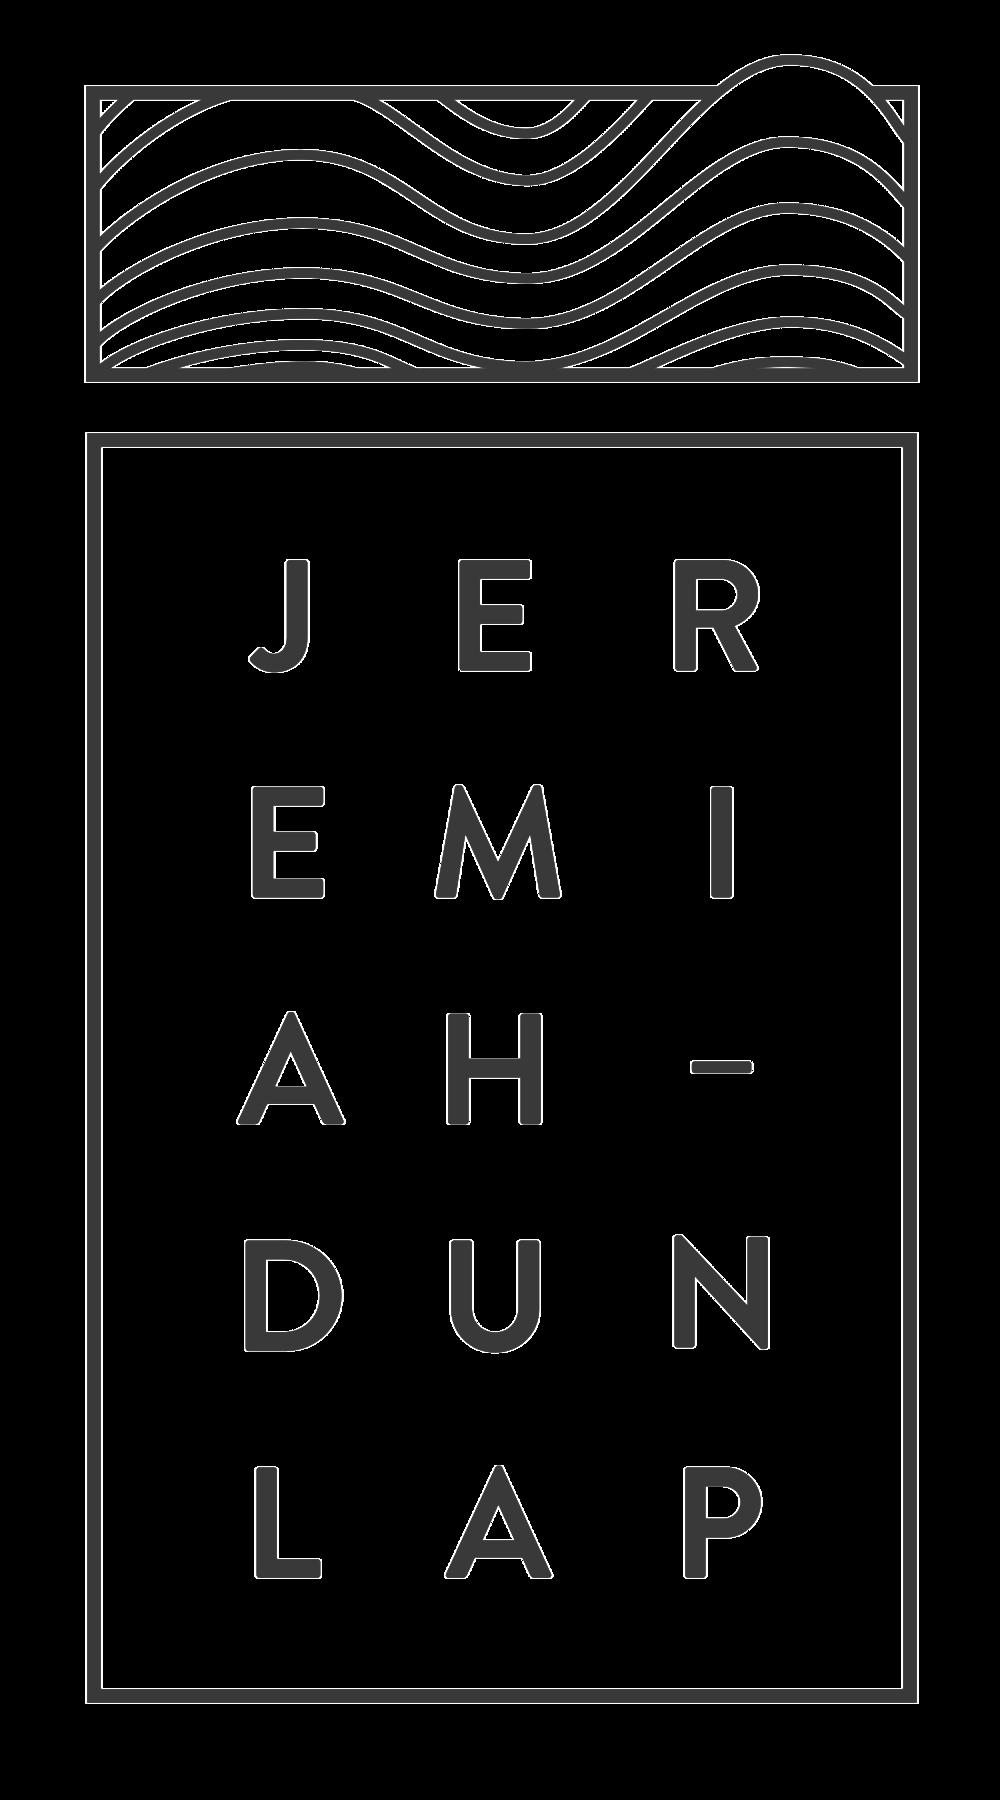 JJD_logo_verticalgray@3x.png